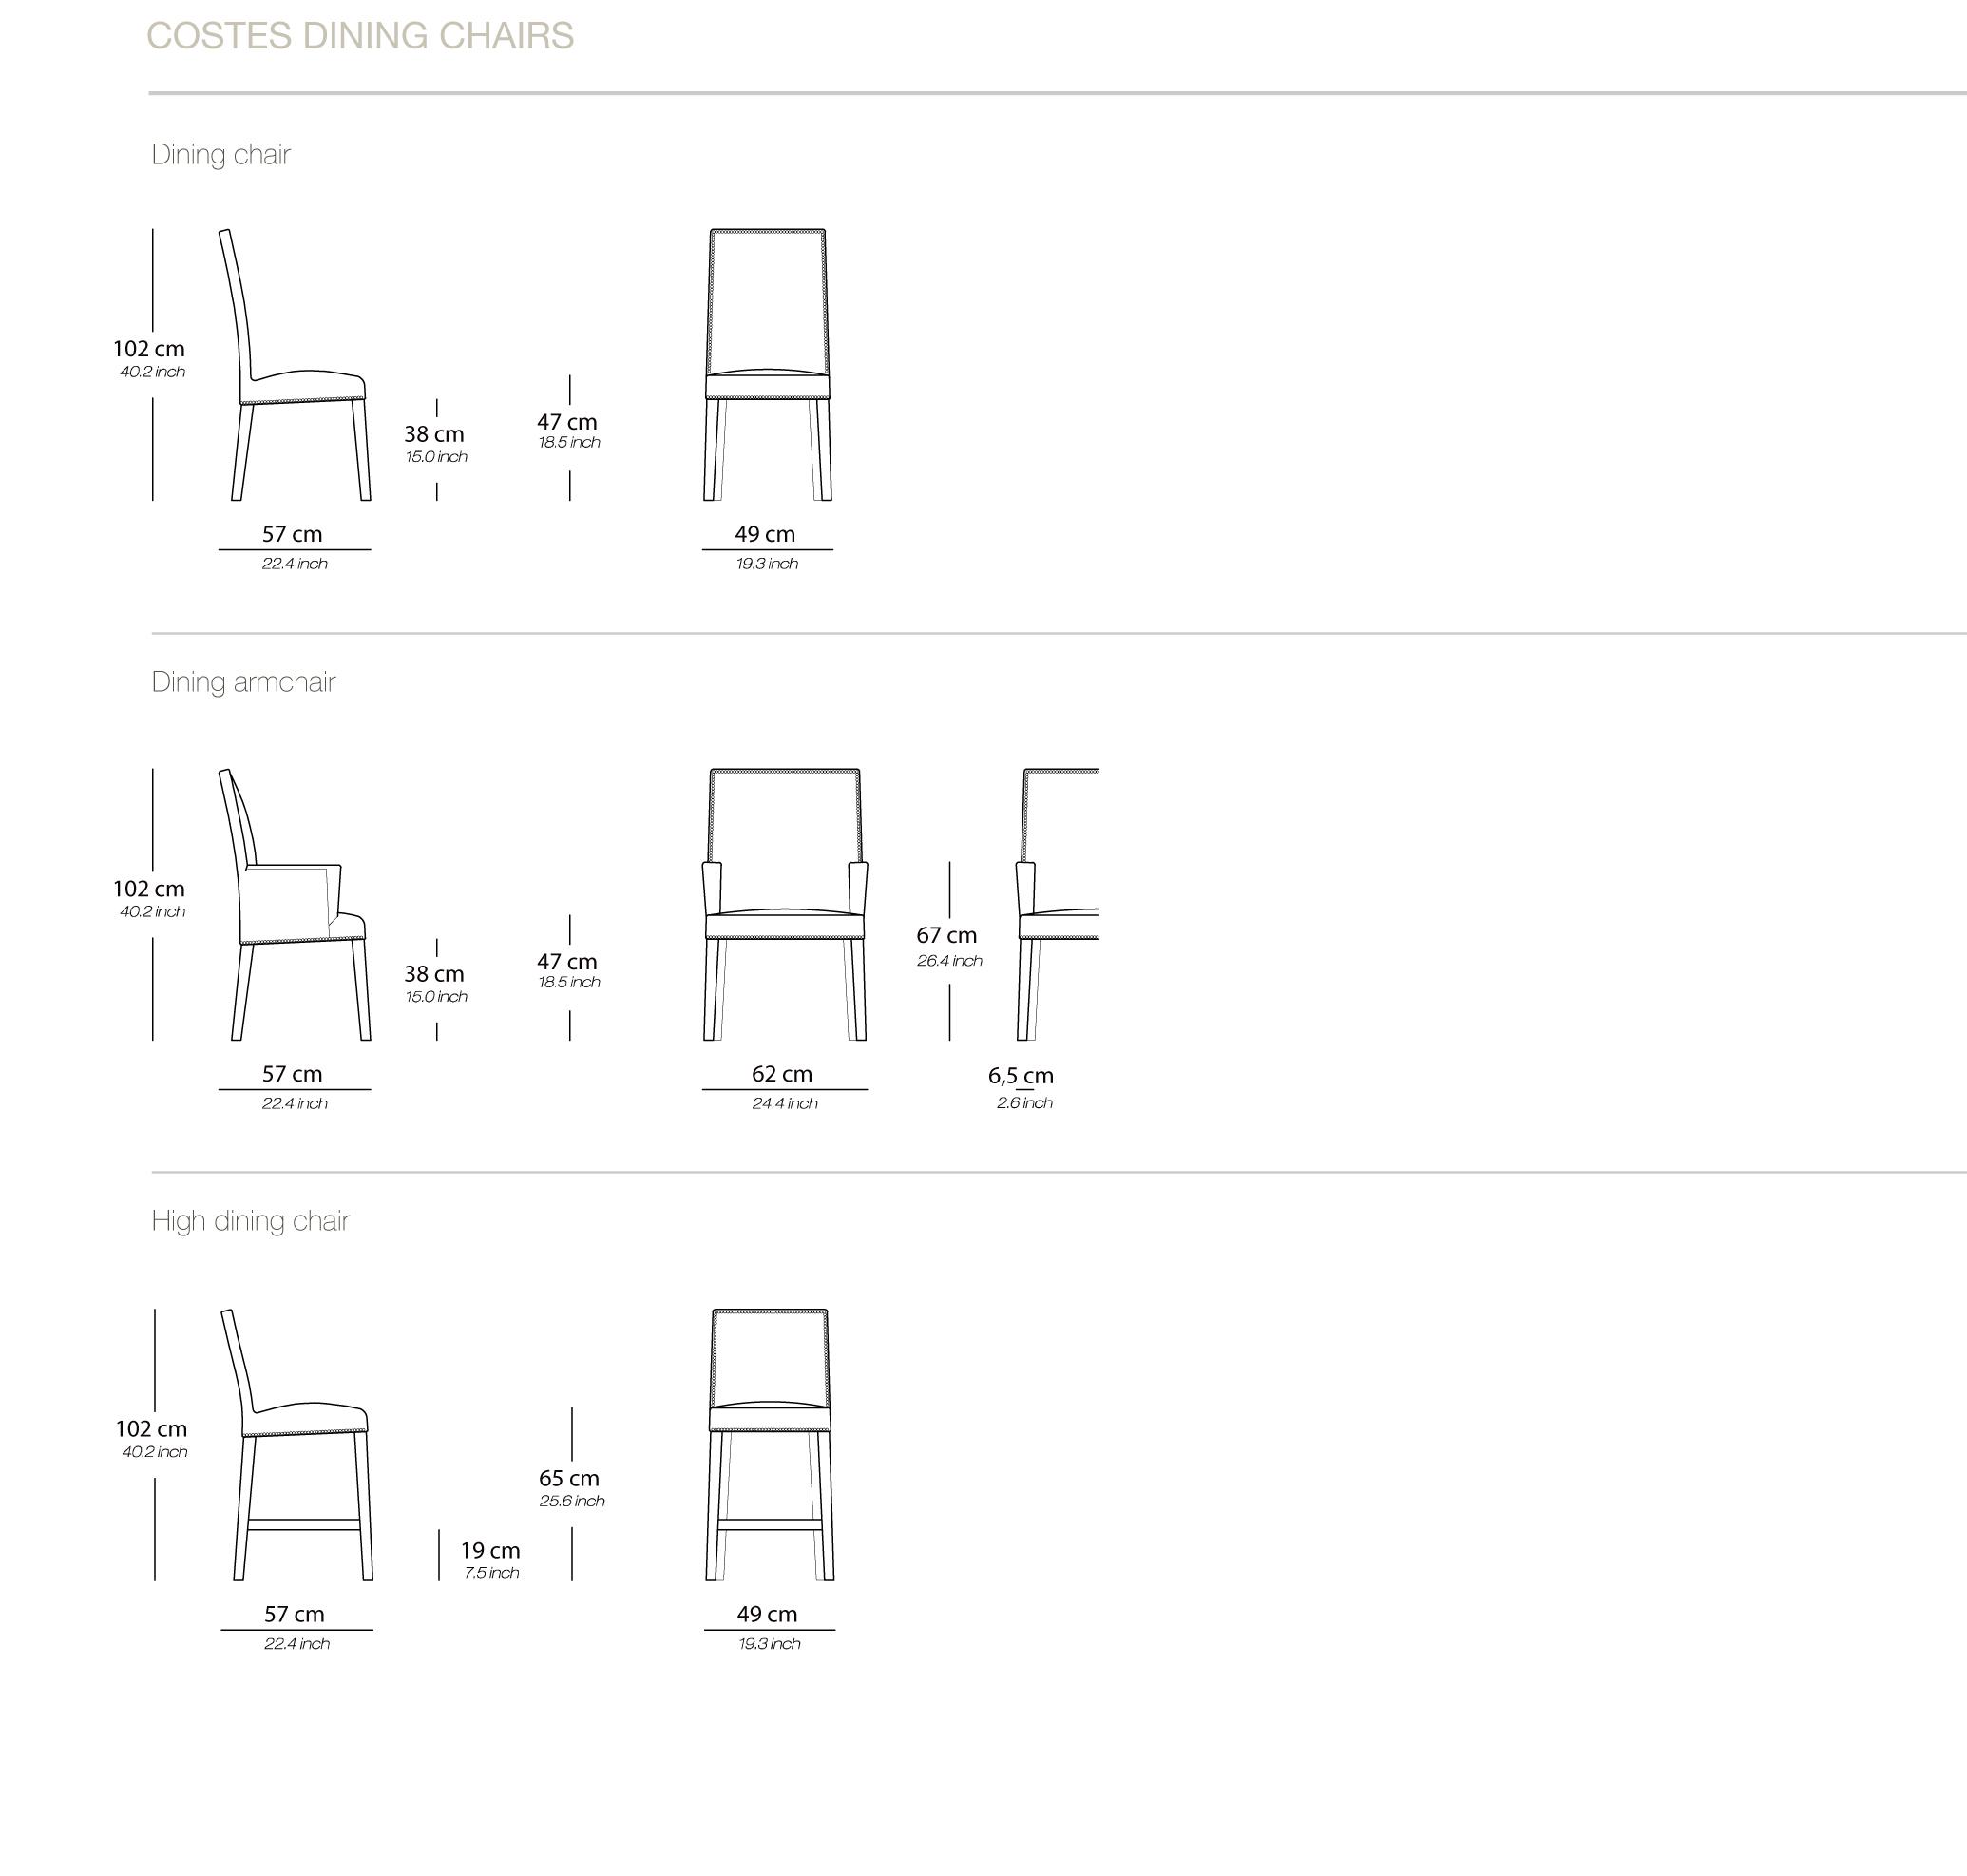 costes stuhl designer stuhl klassiker klassiker abschnitt. Black Bedroom Furniture Sets. Home Design Ideas